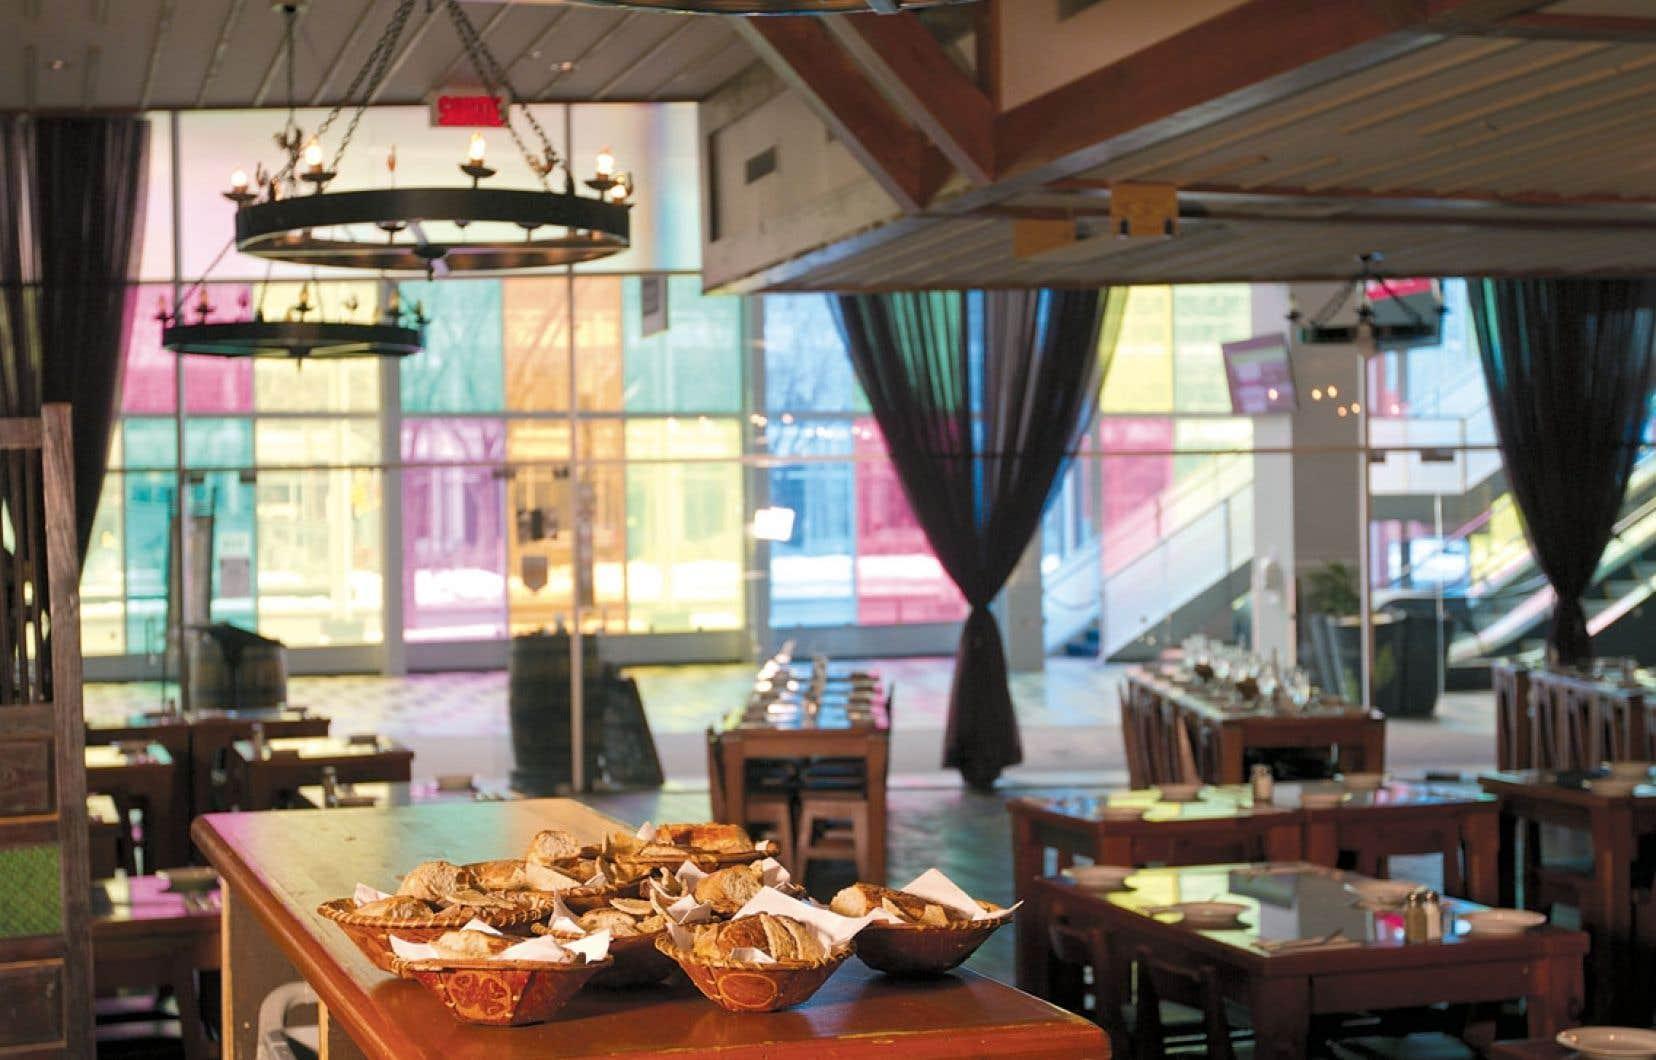 Situé au Palais des congrès, le restaurant Fouquet Fourchette propose aux visiteurs une cuisine d'inspiration Nouvelle-France, avec des saveurs du terroir et des bières québécoises.